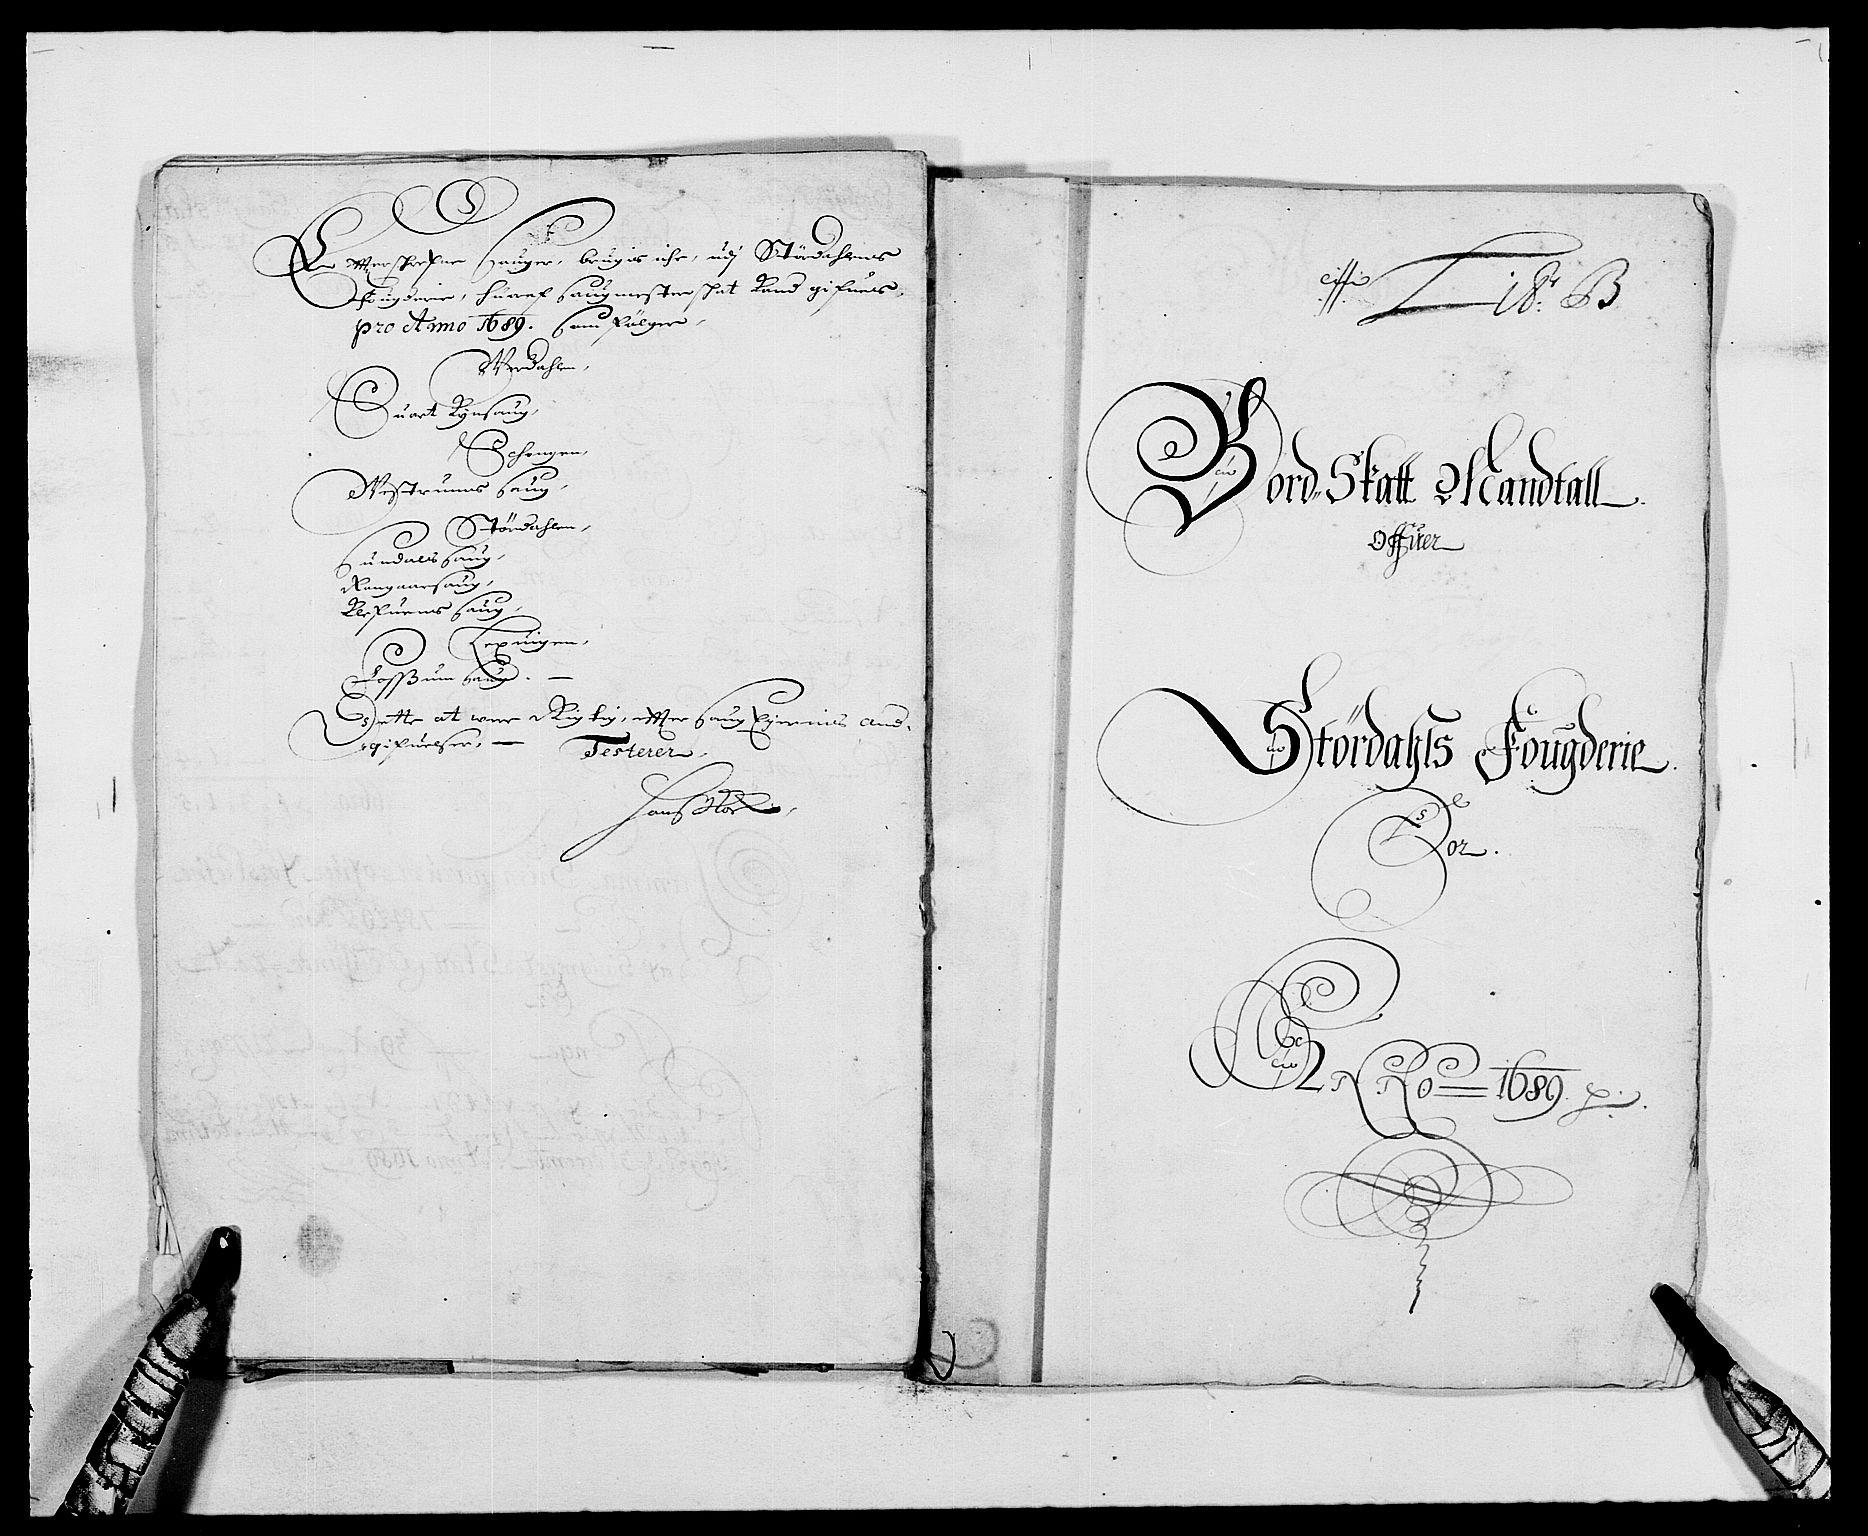 RA, Rentekammeret inntil 1814, Reviderte regnskaper, Fogderegnskap, R62/L4183: Fogderegnskap Stjørdal og Verdal, 1687-1689, s. 313